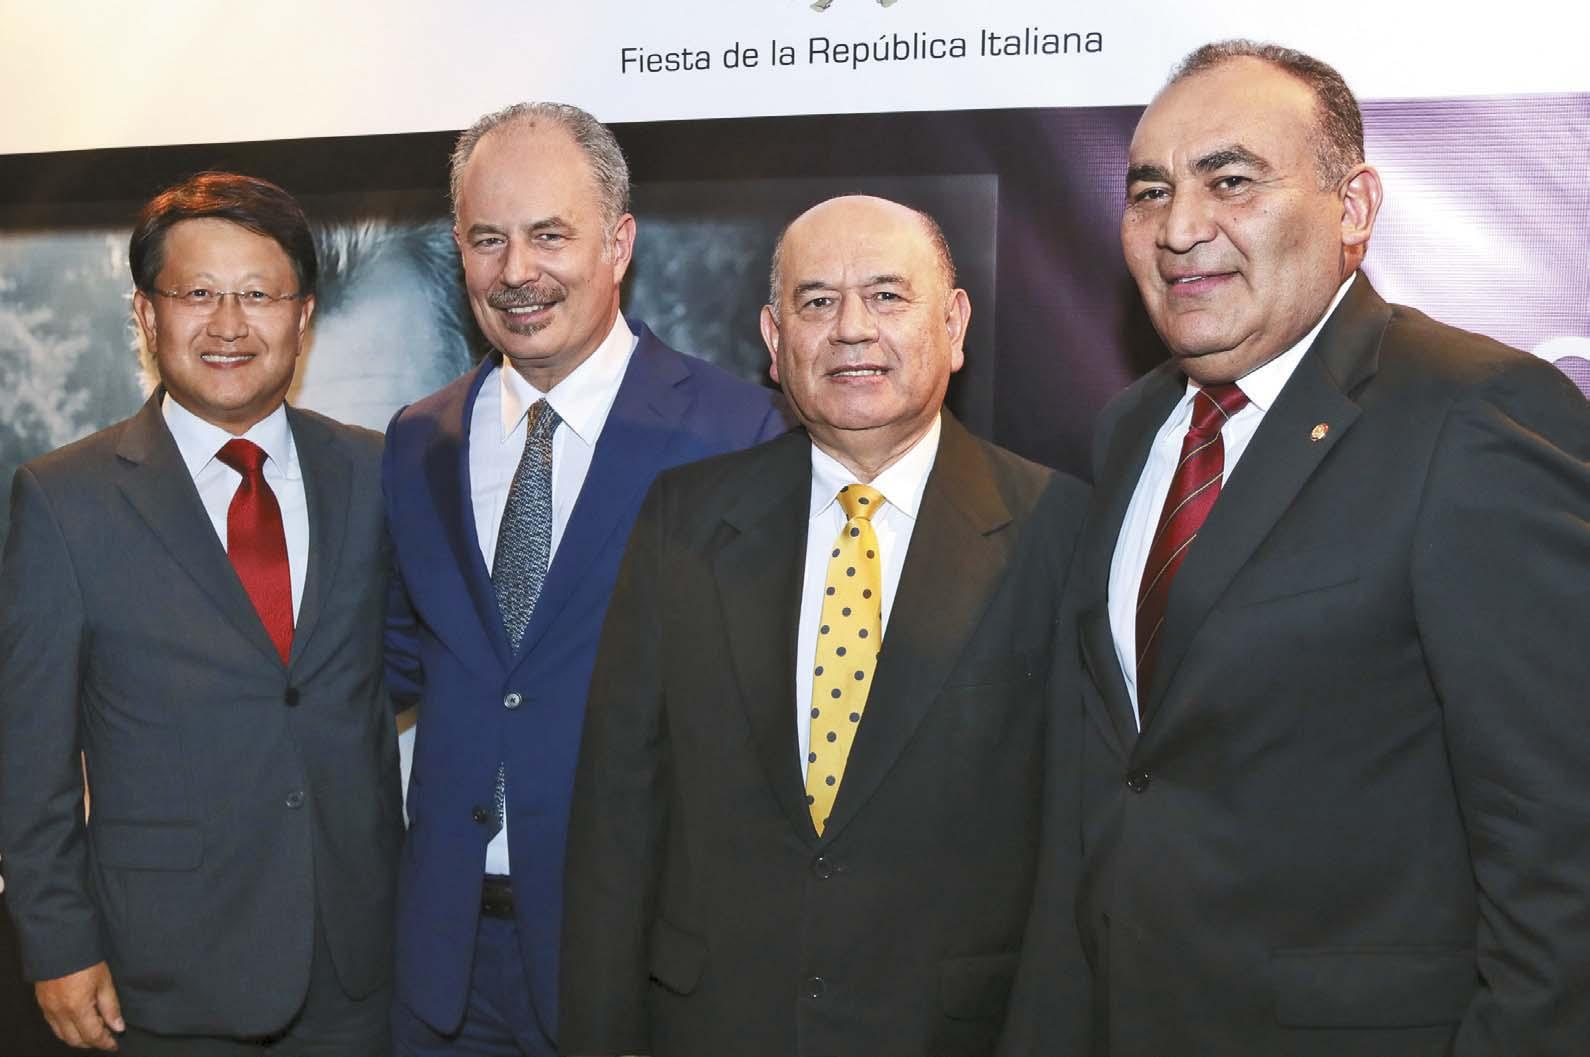 EVENTOS ON THE SPOT  | Celebración del Día Nacional de Italia y conmemoracióndel Referéndum Constitucional de 1946